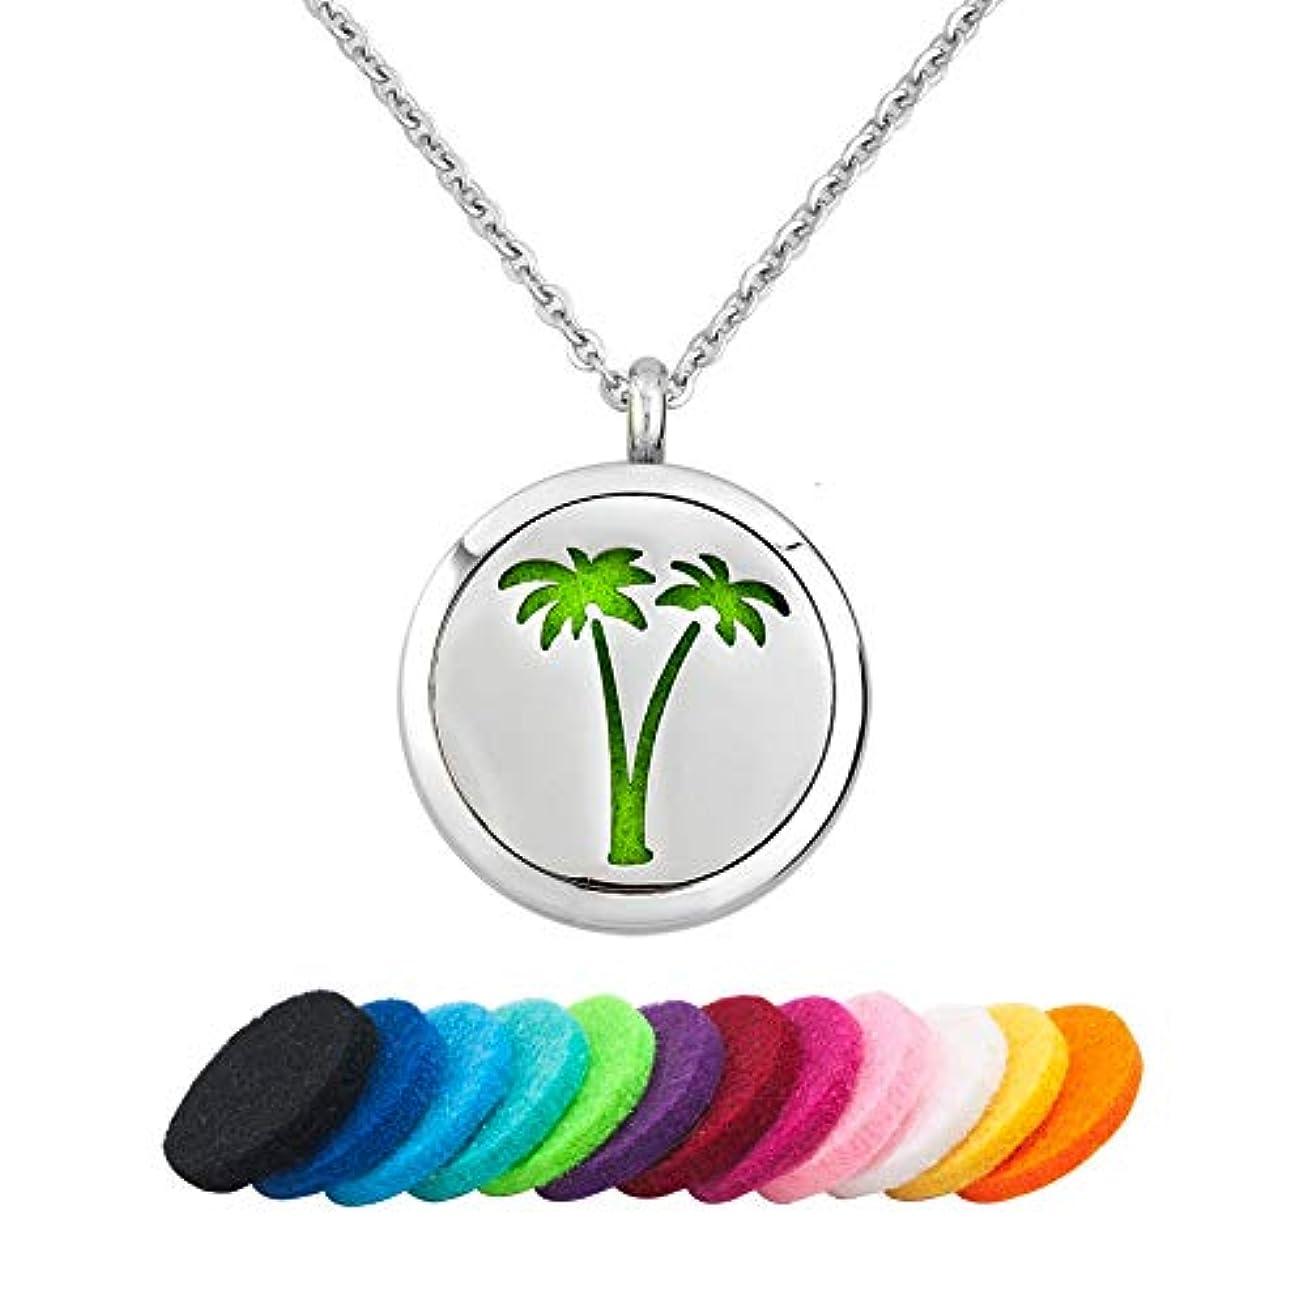 軽減爆弾場合CLY Jewelry Love Nature Winds ファイヤーメープルクローバー ヤシの木 マッシュルーム アロマセラピー エッセンシャルオイルディフューザー ネックレスペンダント 12パッド